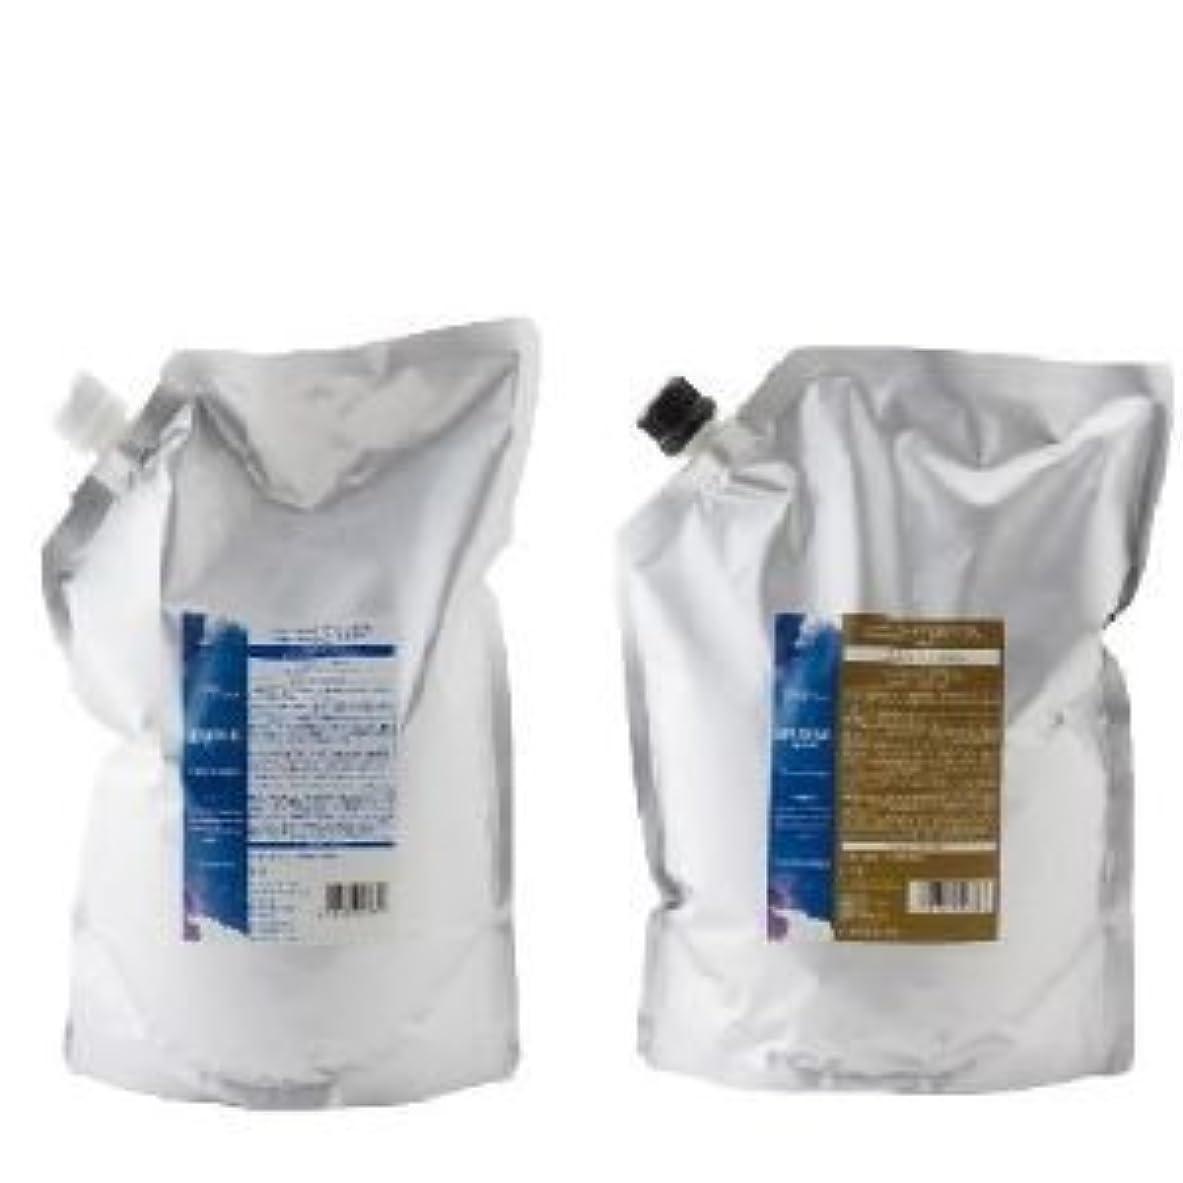 暗殺する袋簡潔なデミ ヘアシーズンズ アロマシロップス フローズンムーン シャンプー2000ml & トリートメント2000g セット